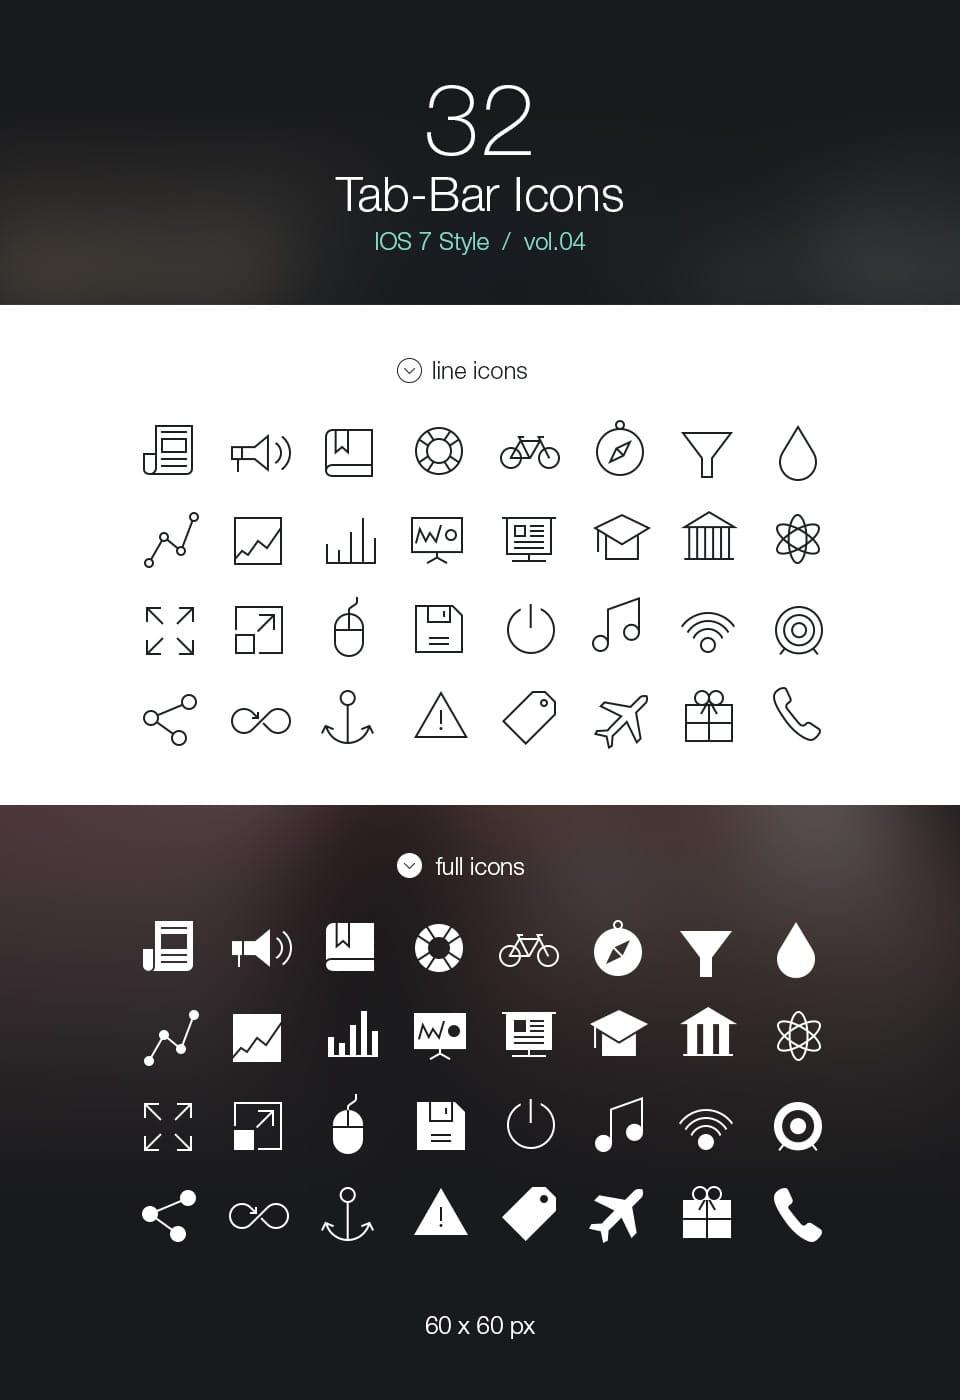 【デザイン】Tab Bar Icons iOS 7 Vol4が遂にきた!アプリデザインに活用できる無料素材